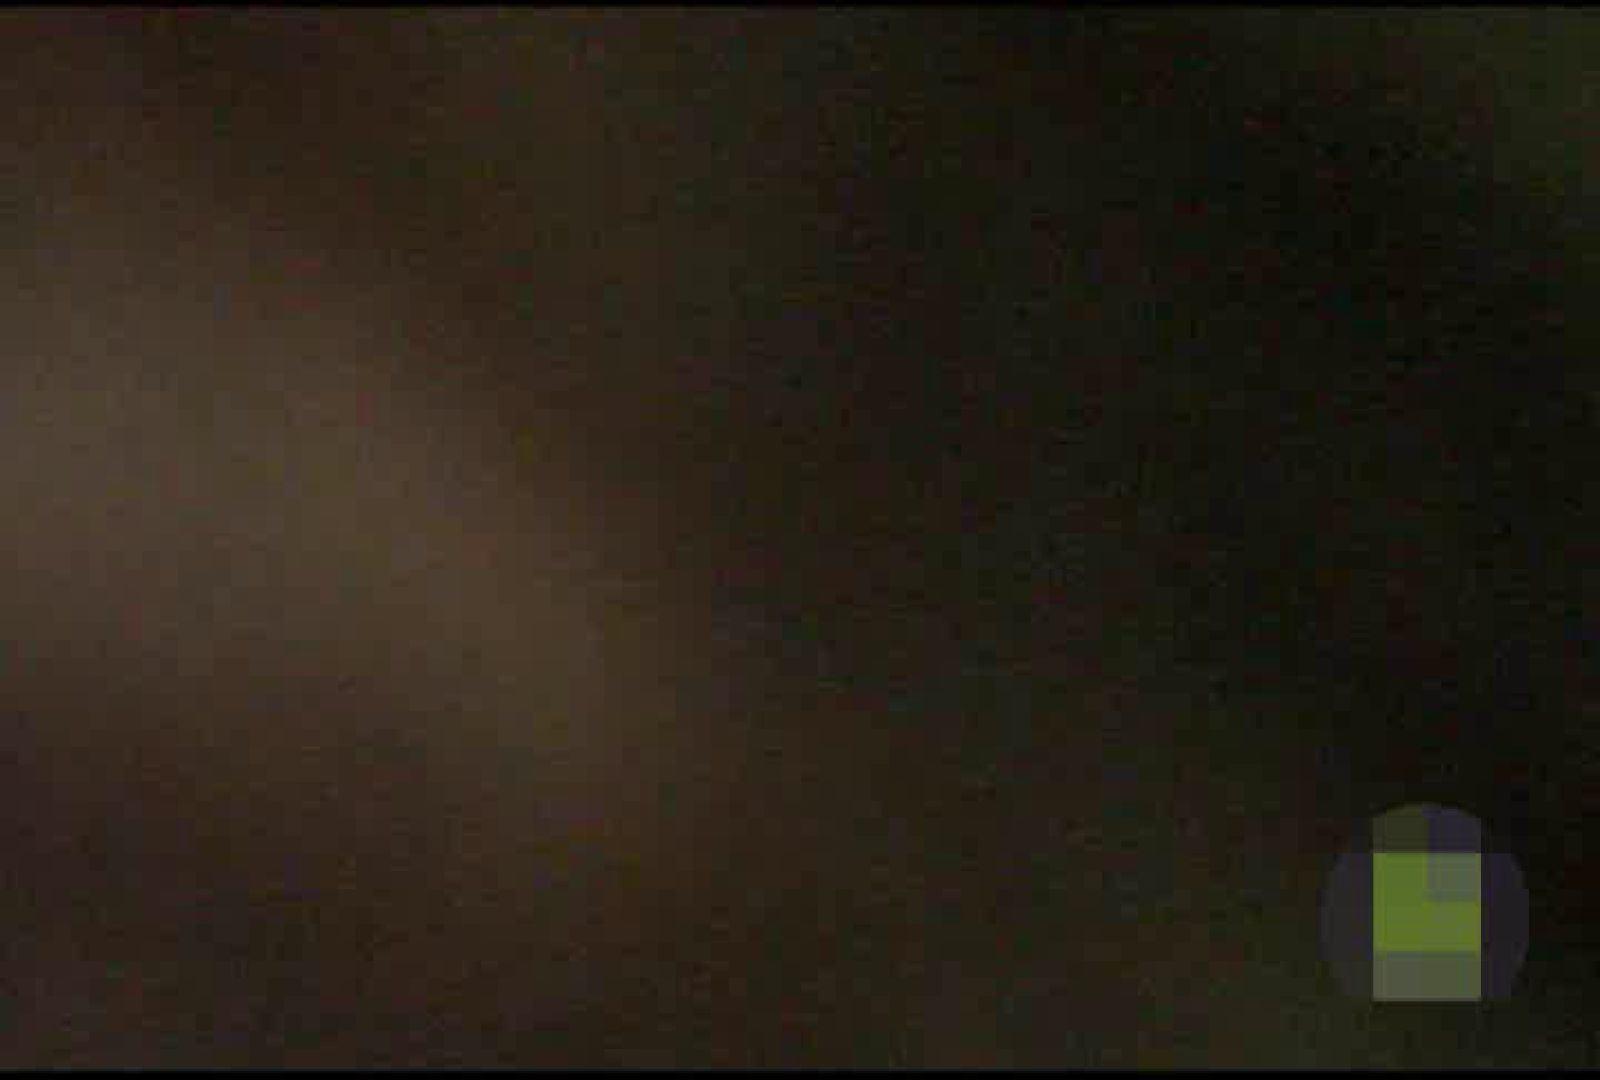 体育会系オナニー部Vol.2 洗面所はめどり | エロすぎオナニー  88画像 73